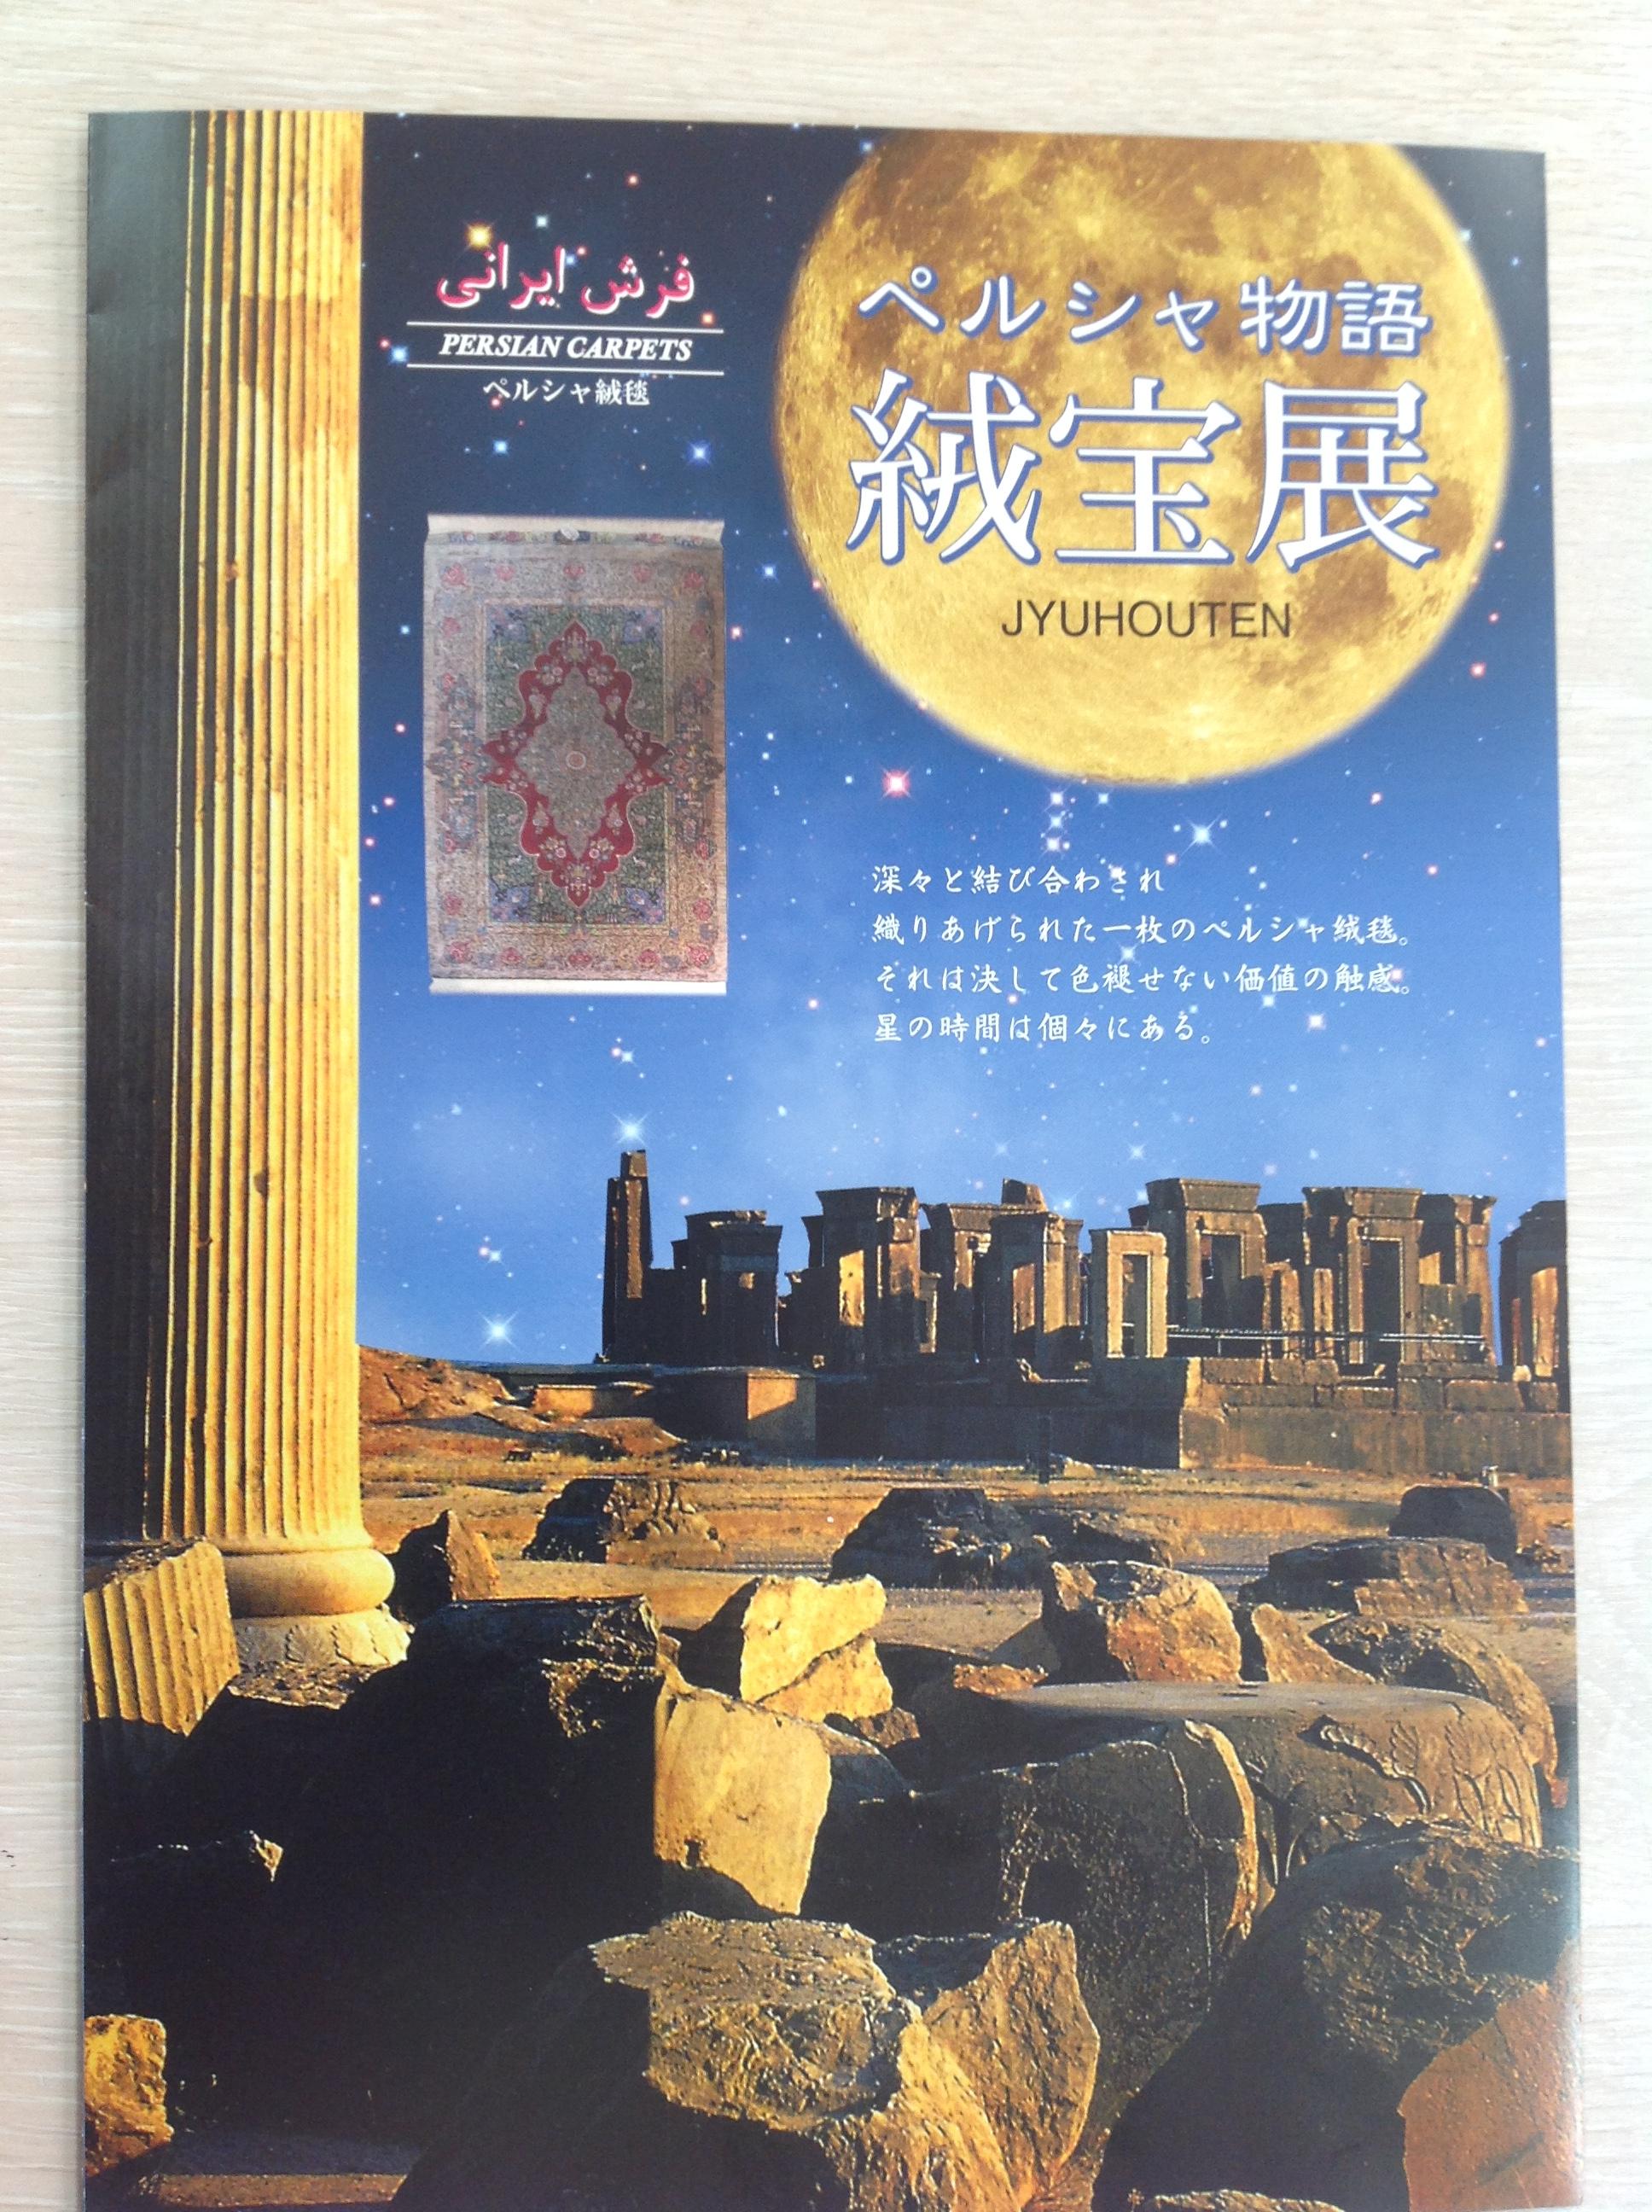 ペルシャ絨毯展示会のお知らせ